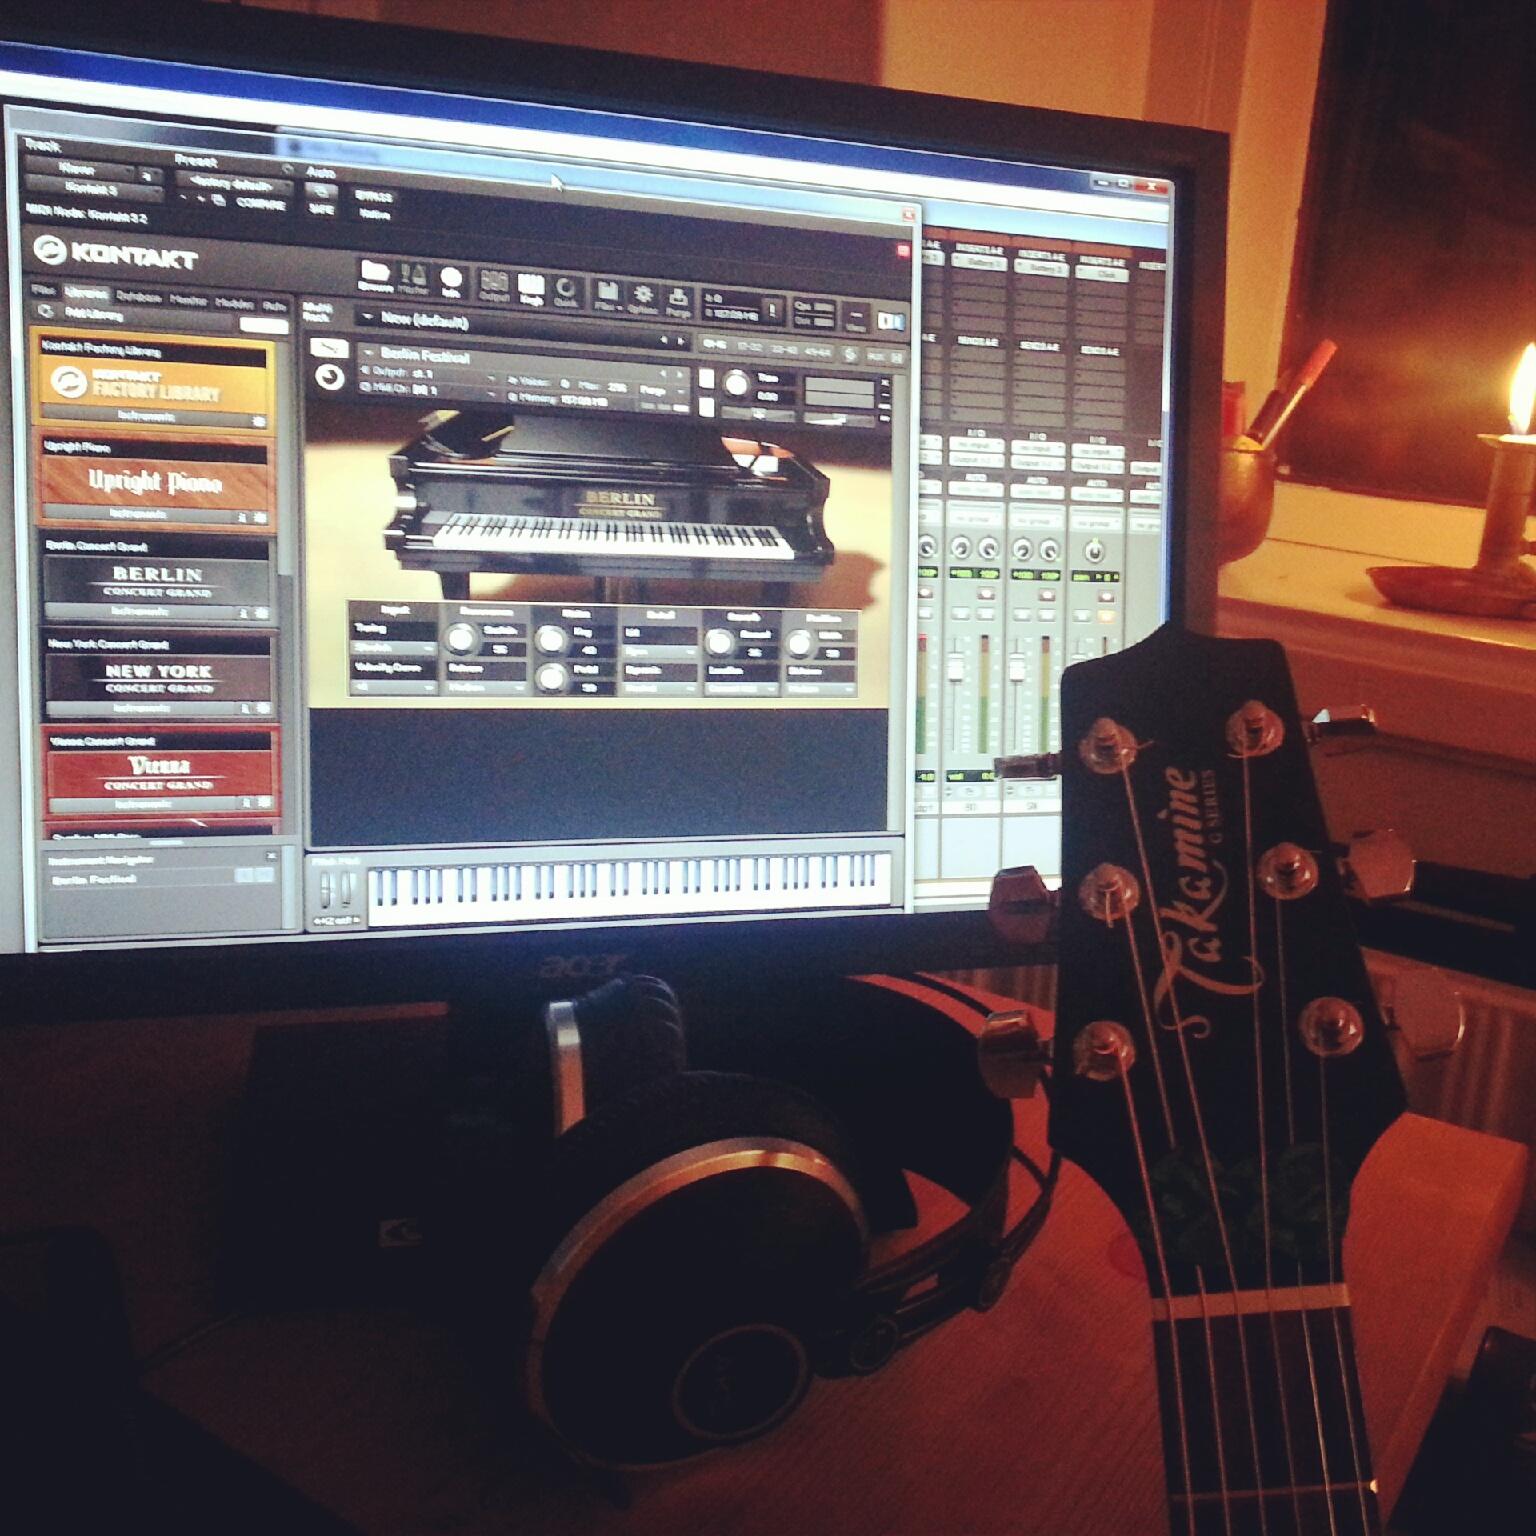 I fuld gang med at lave musik i mit studie hjemme i stuen. Blandt andet sangen Ultimate Equivalence, som skal med på mit kommende album